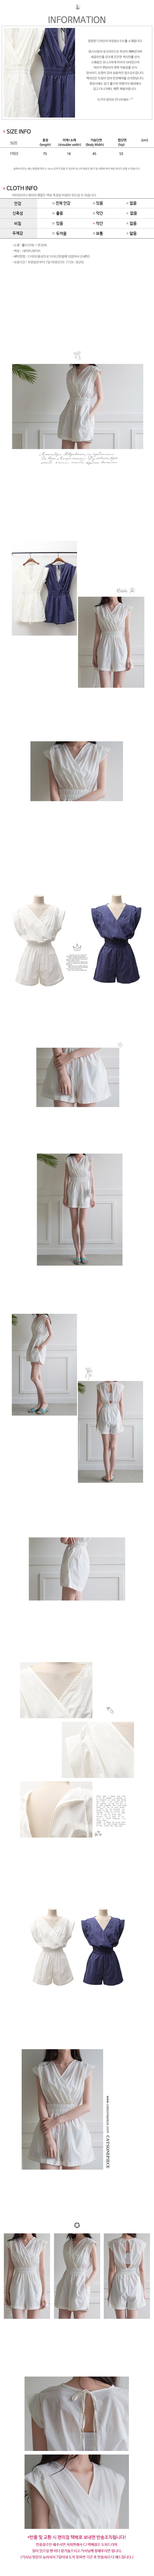 Lap woman jump suit